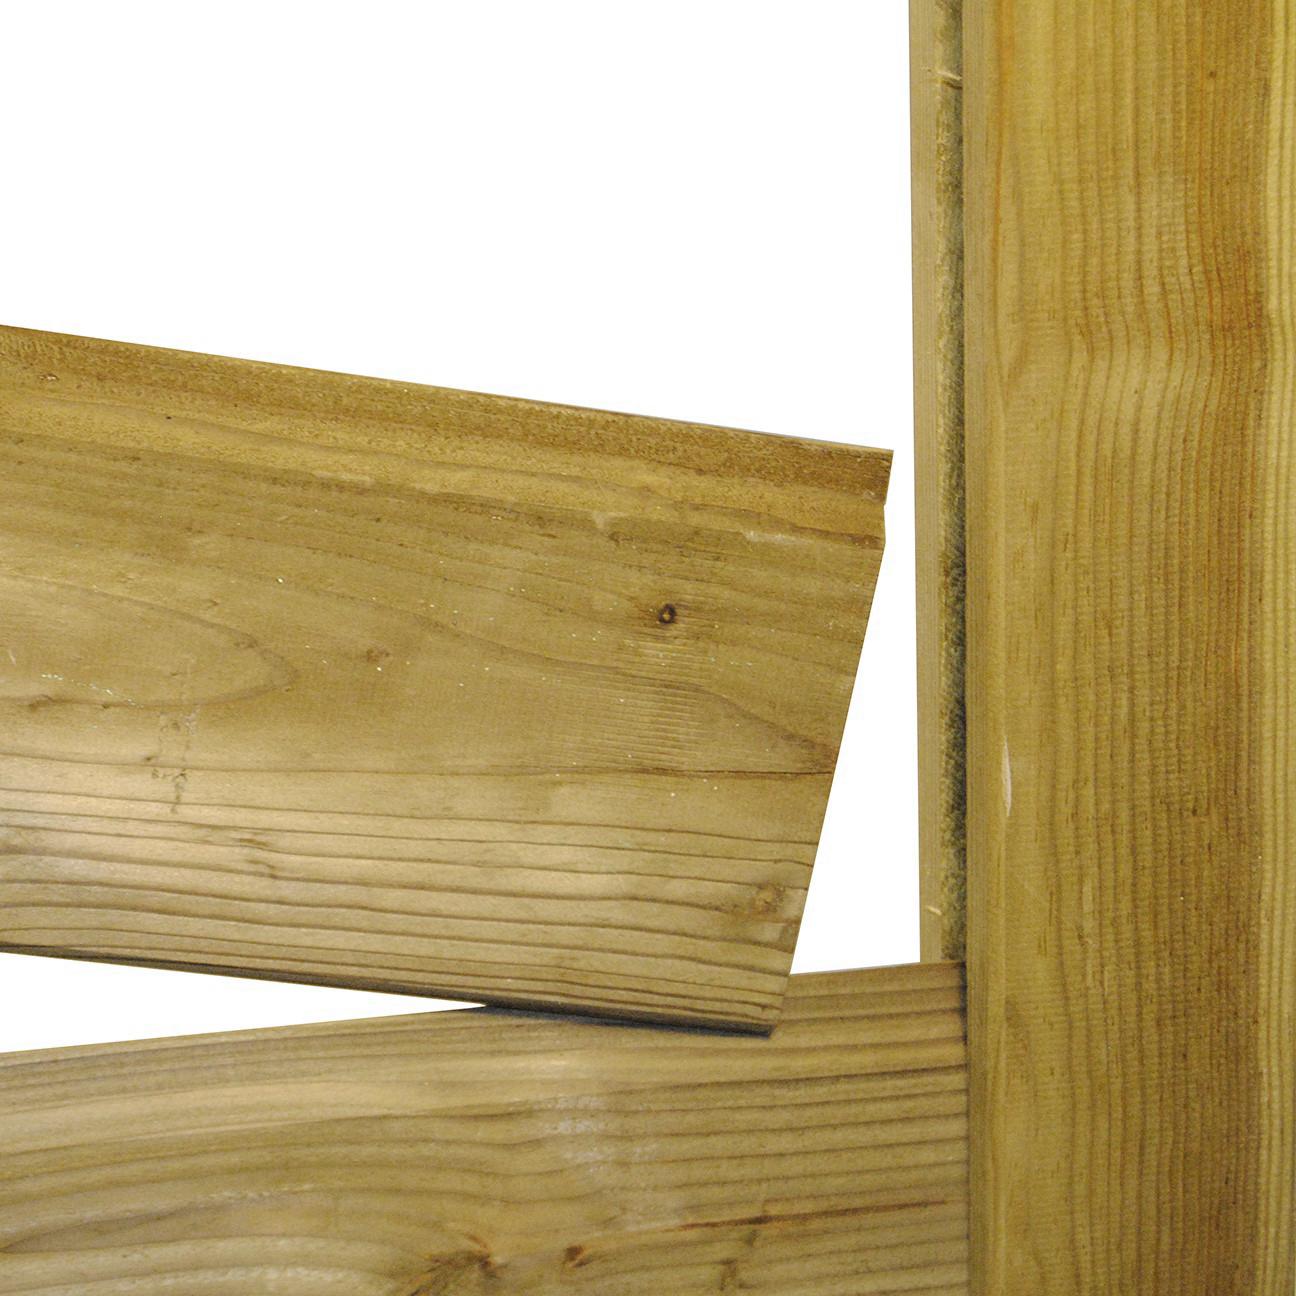 poteaux bois autoclave 9 x 9 rainur s en h idea bois nicolas. Black Bedroom Furniture Sets. Home Design Ideas